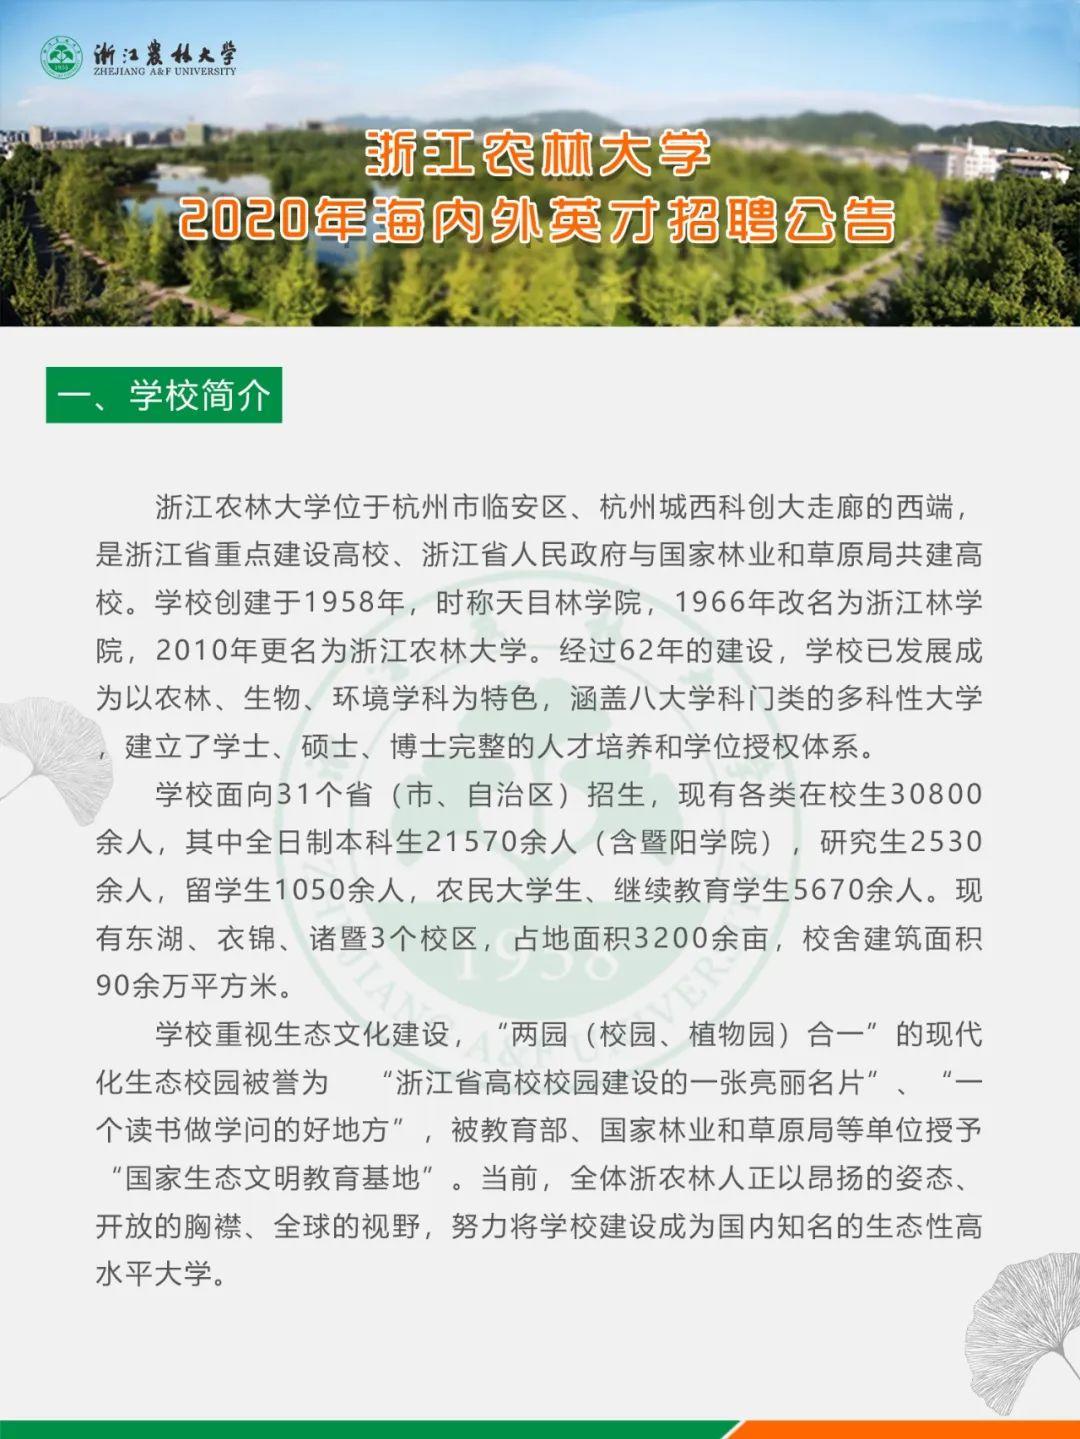 期待优秀的你加入:浙江农林大学面向全球诚聘英才图片